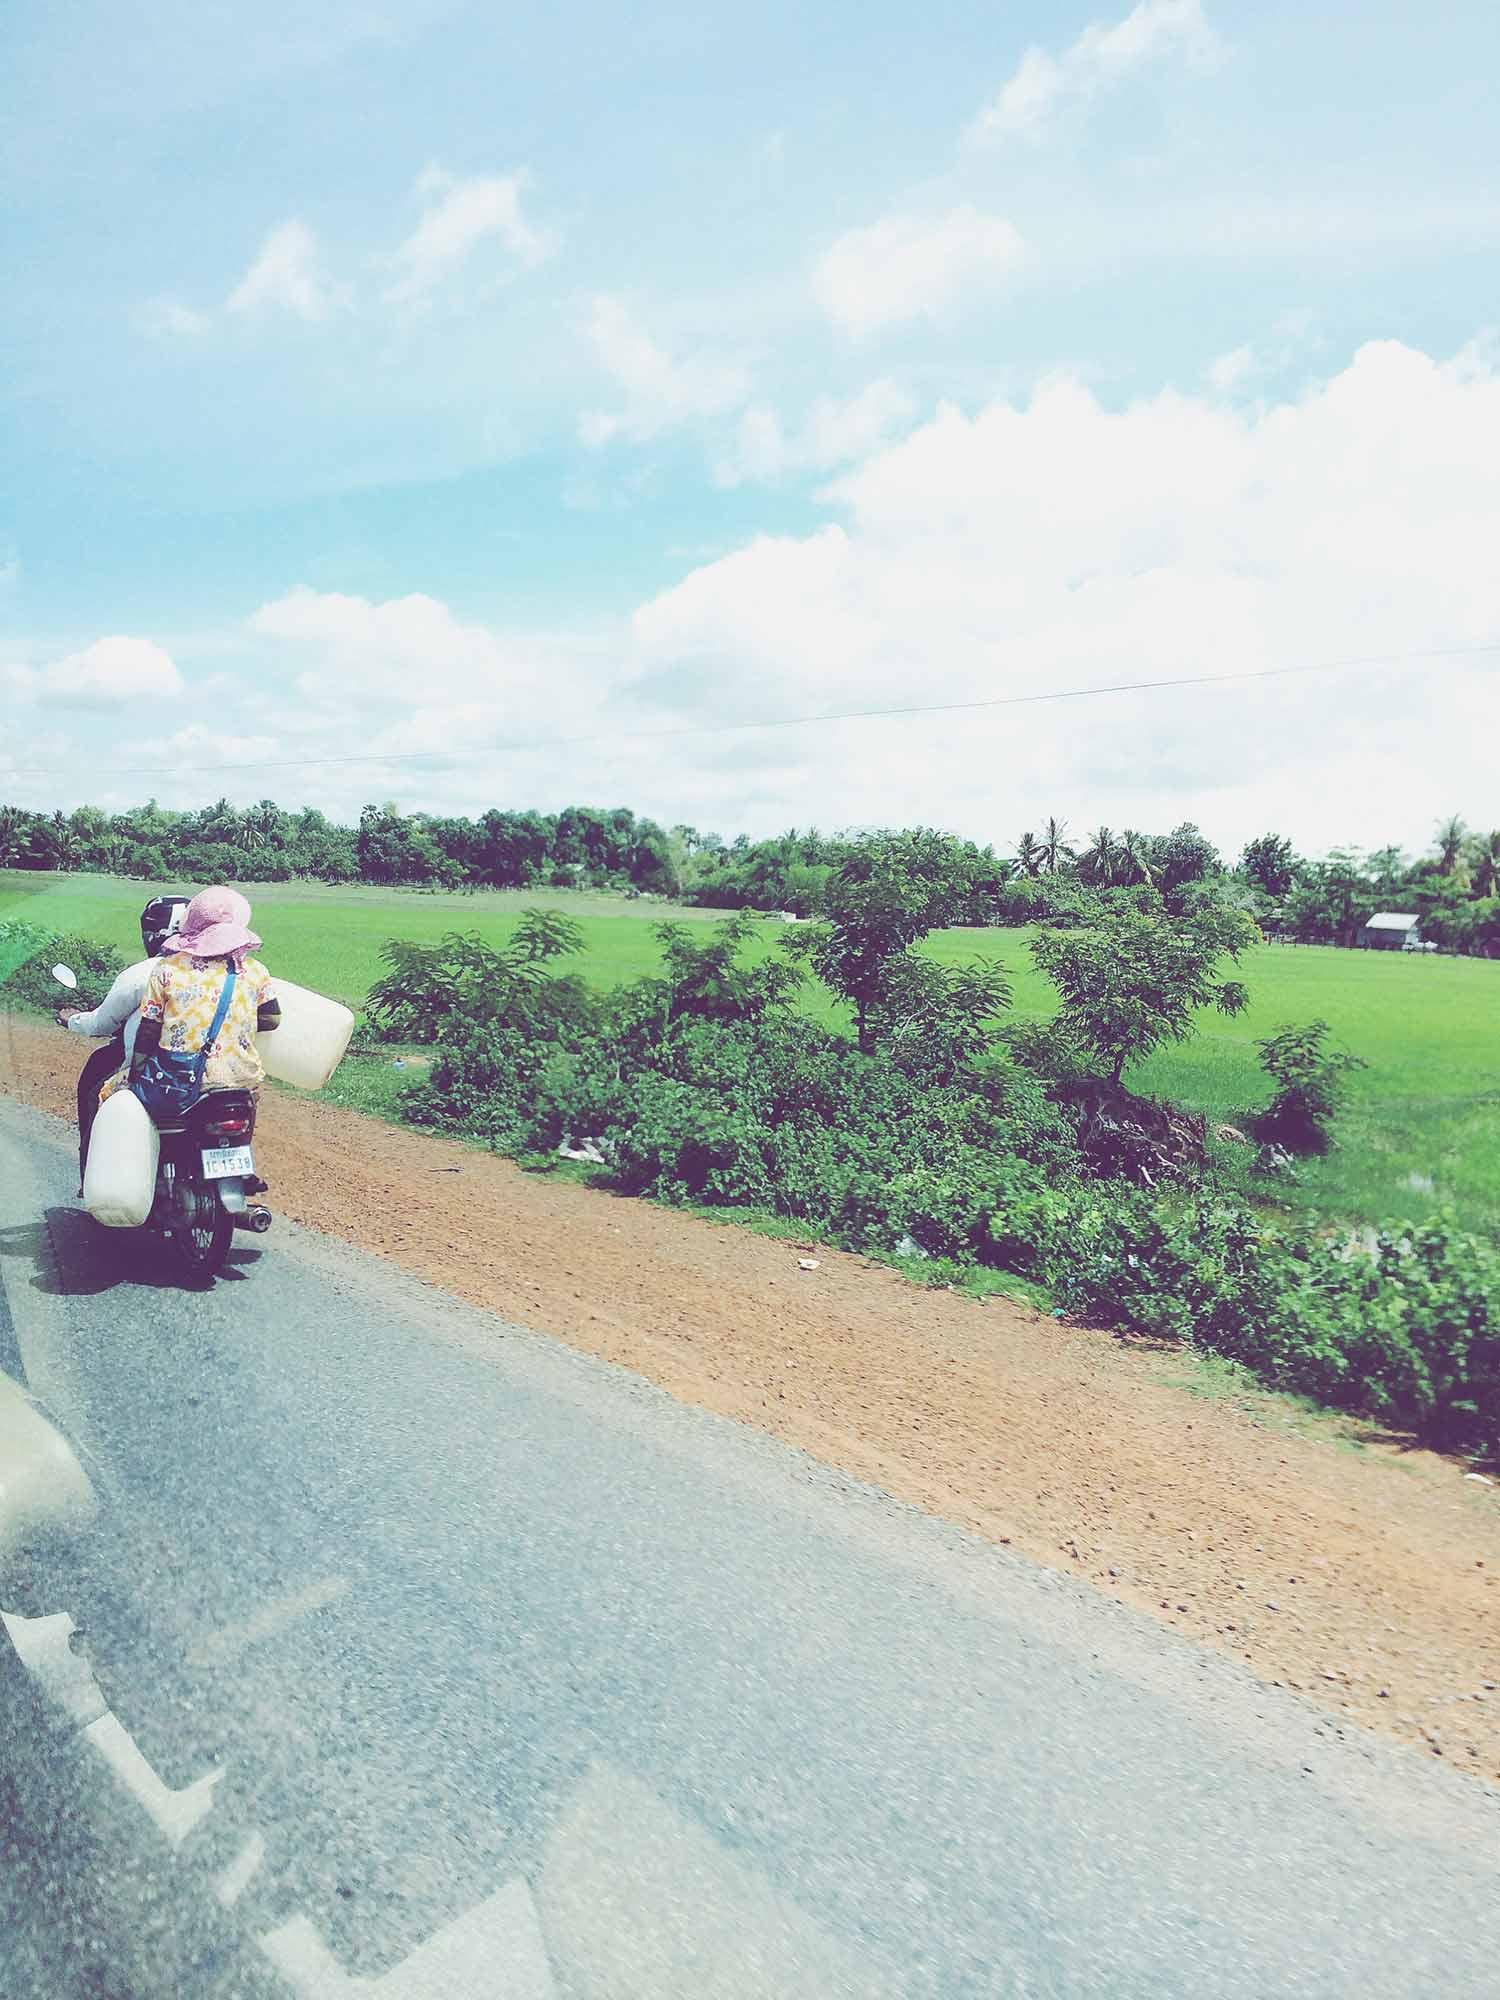 Moto-Cambodia_O.jpg